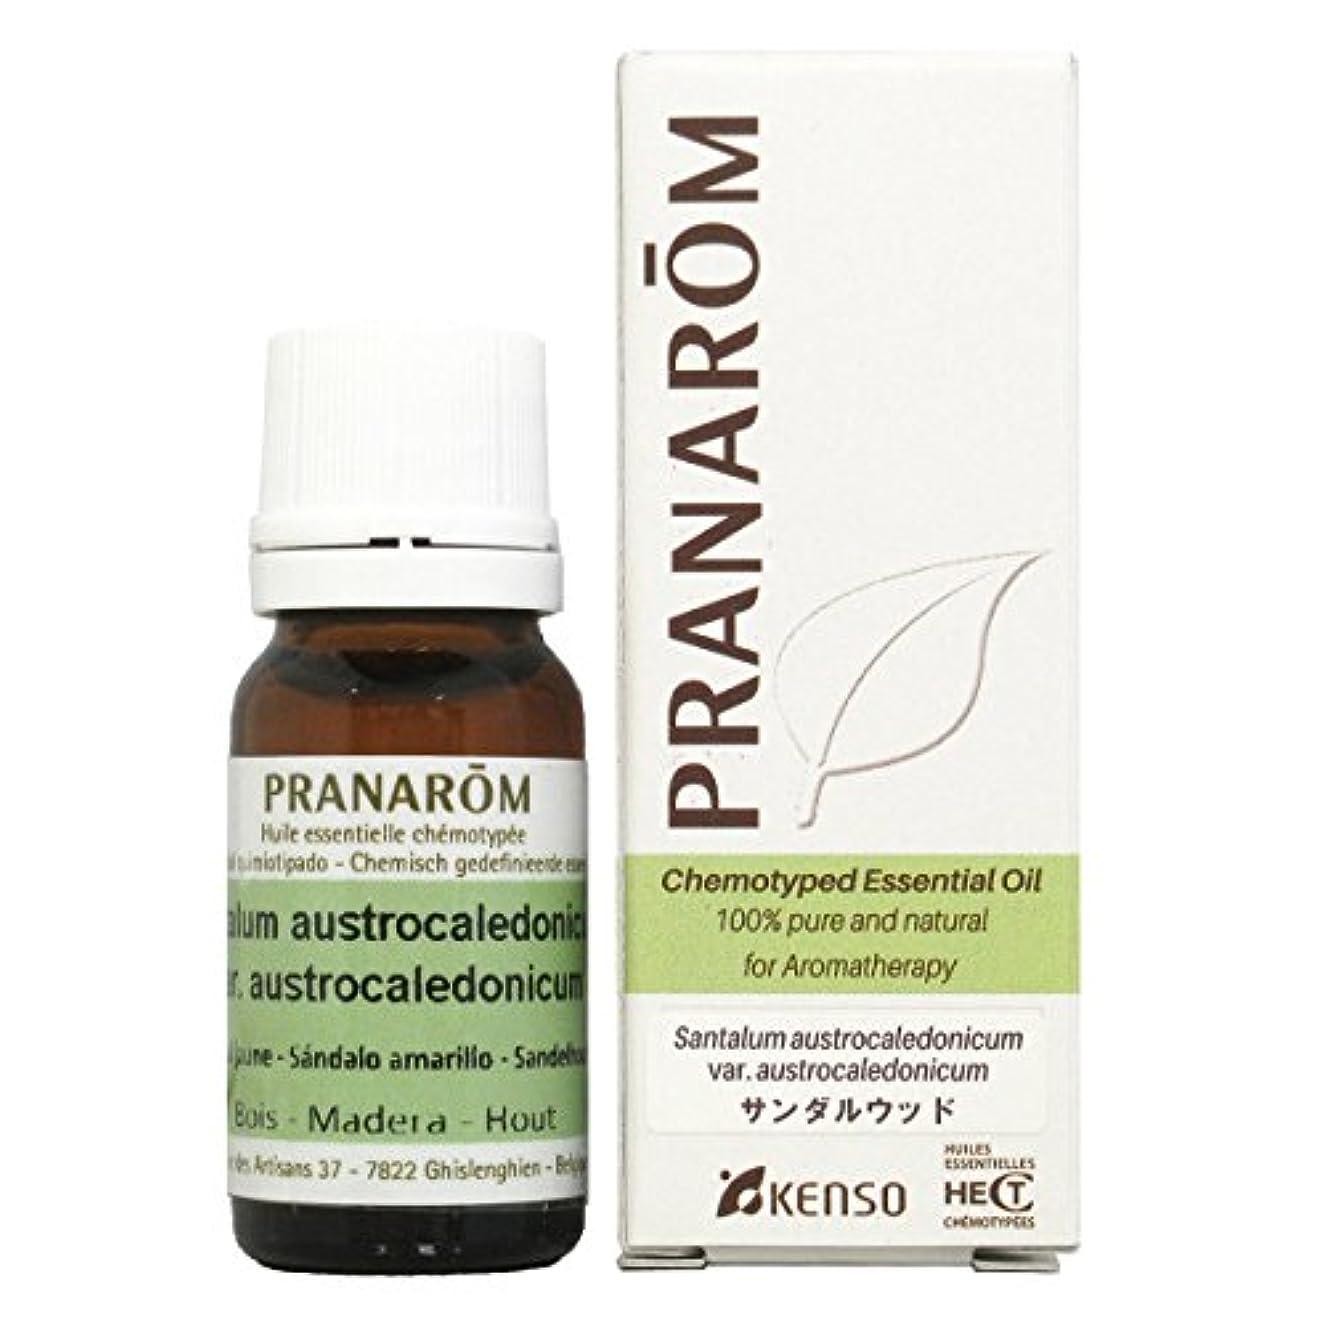 脱獄あなたが良くなります性的サンダルウッド 10ml プラナロム社エッセンシャルオイル(精油)エキゾチック系ベースノート